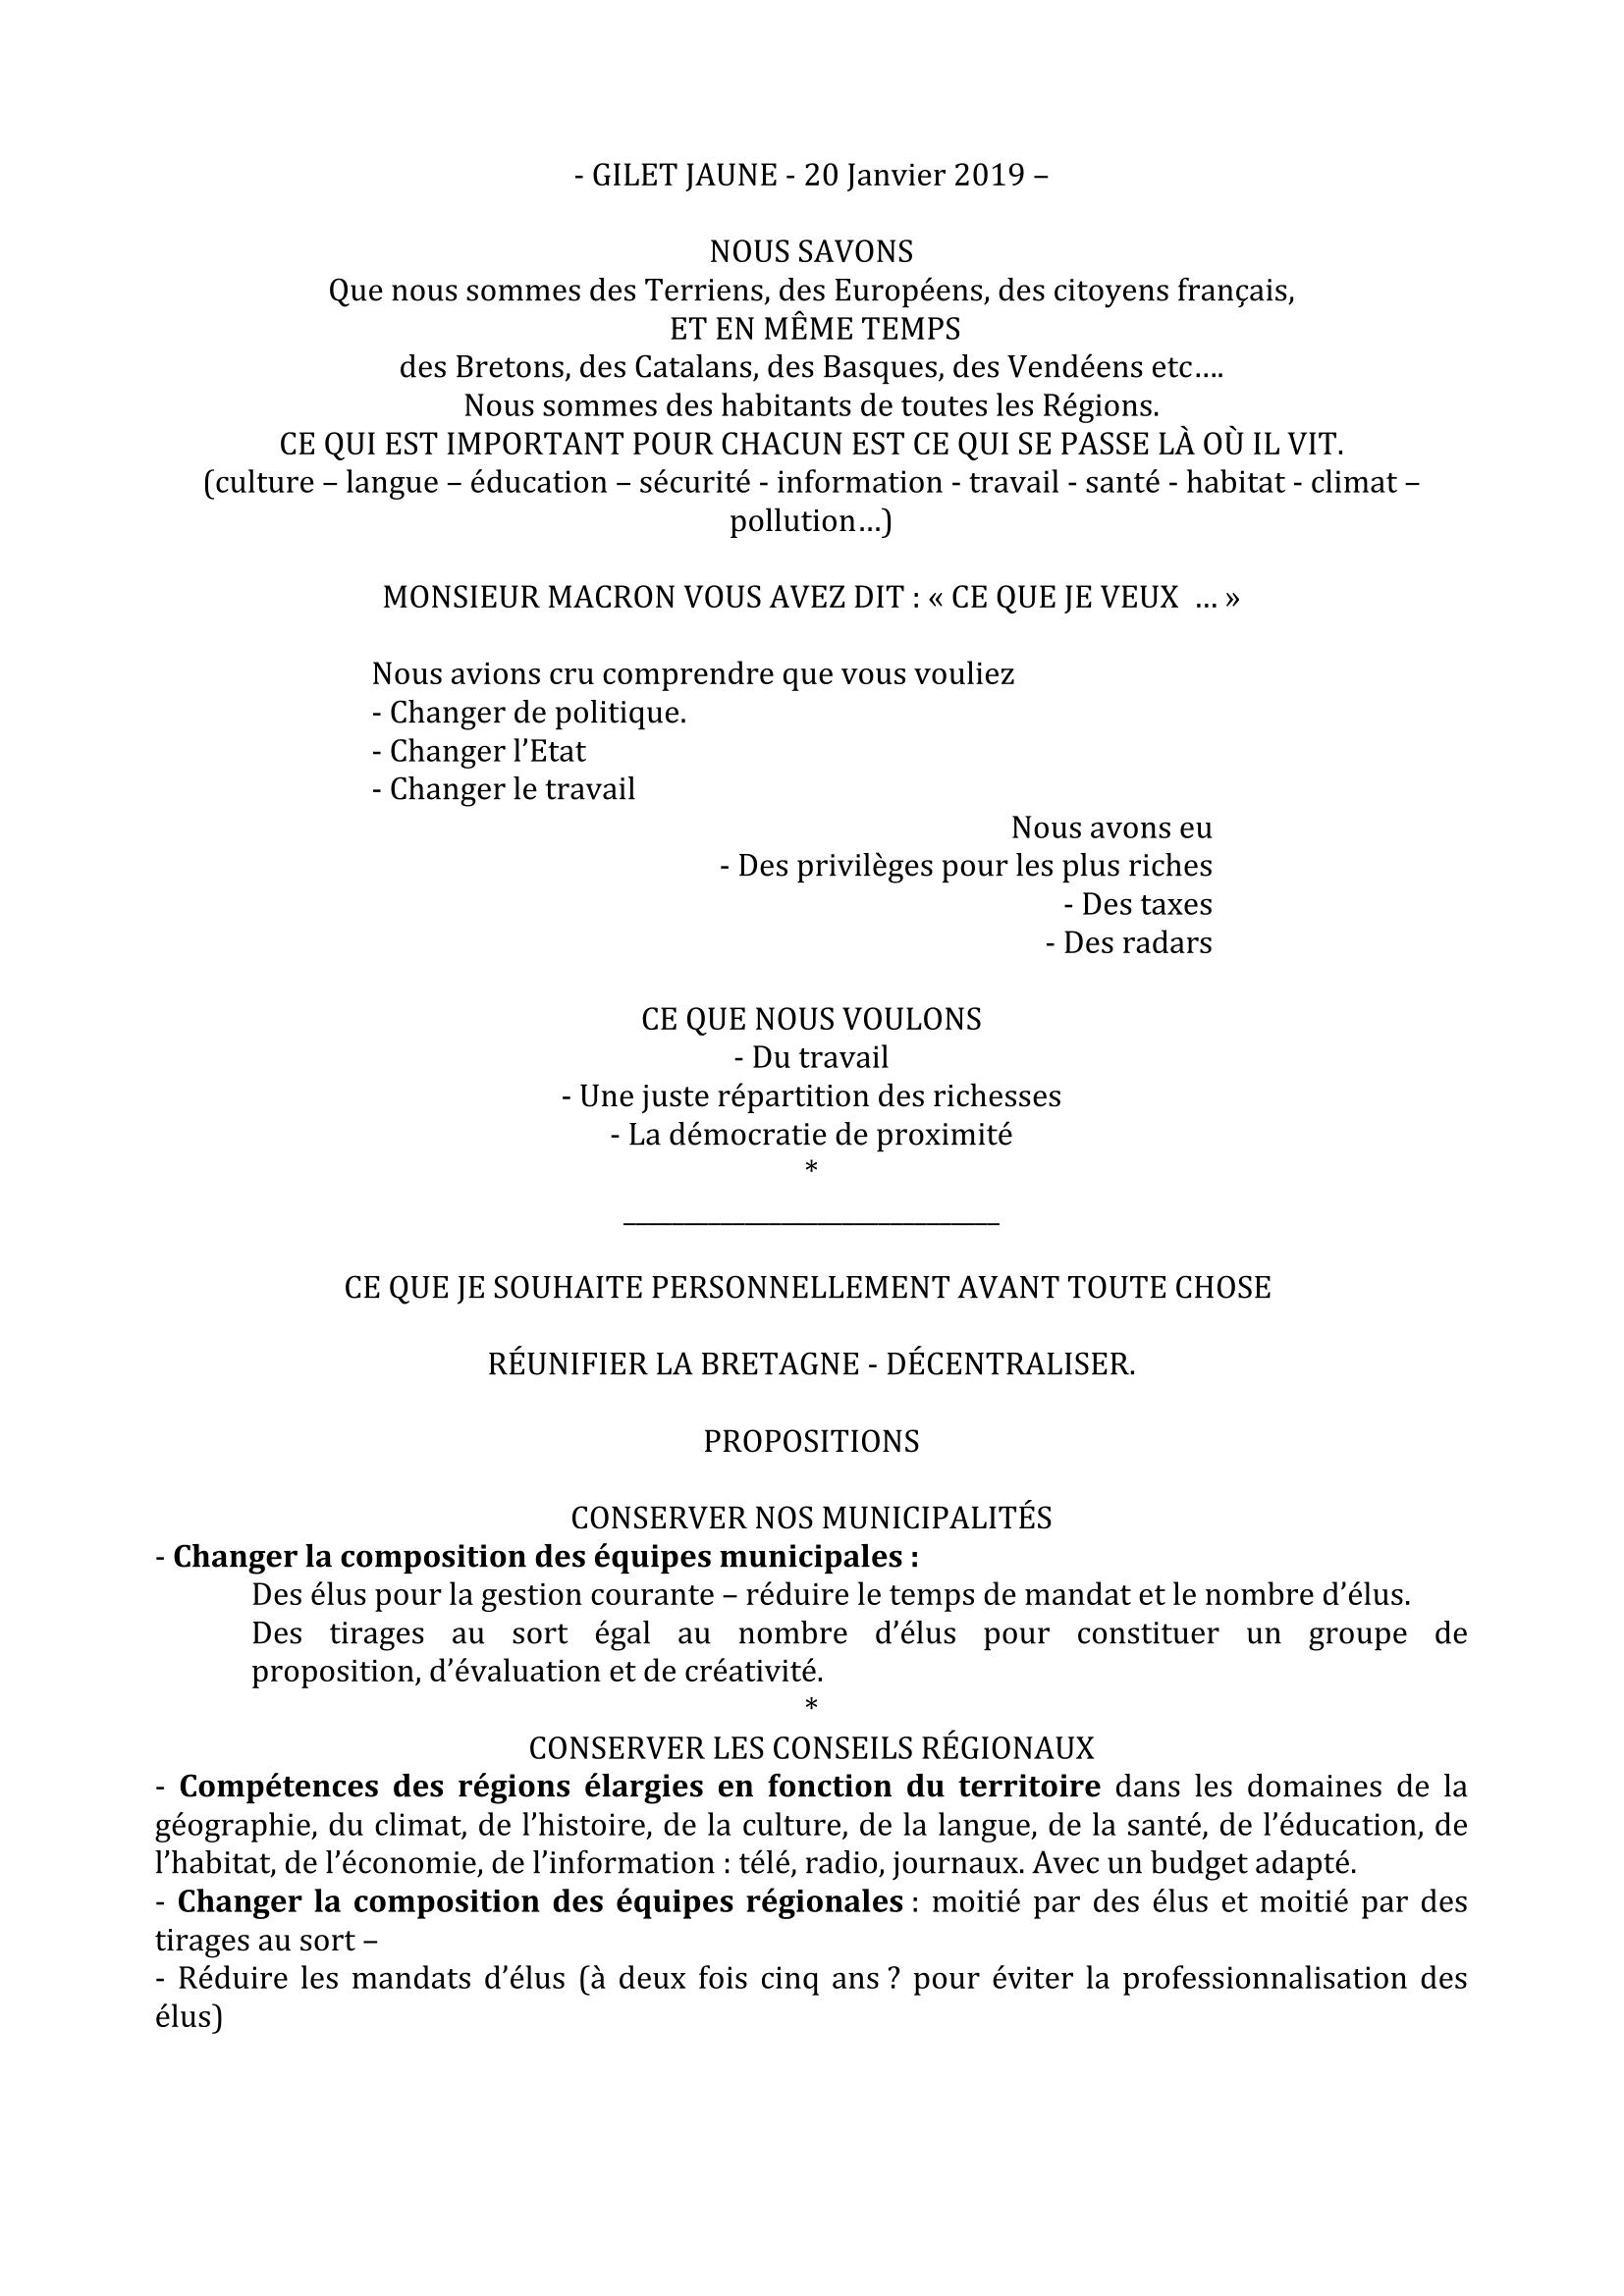 GJ(CT)-E.Macron (1)-1.png